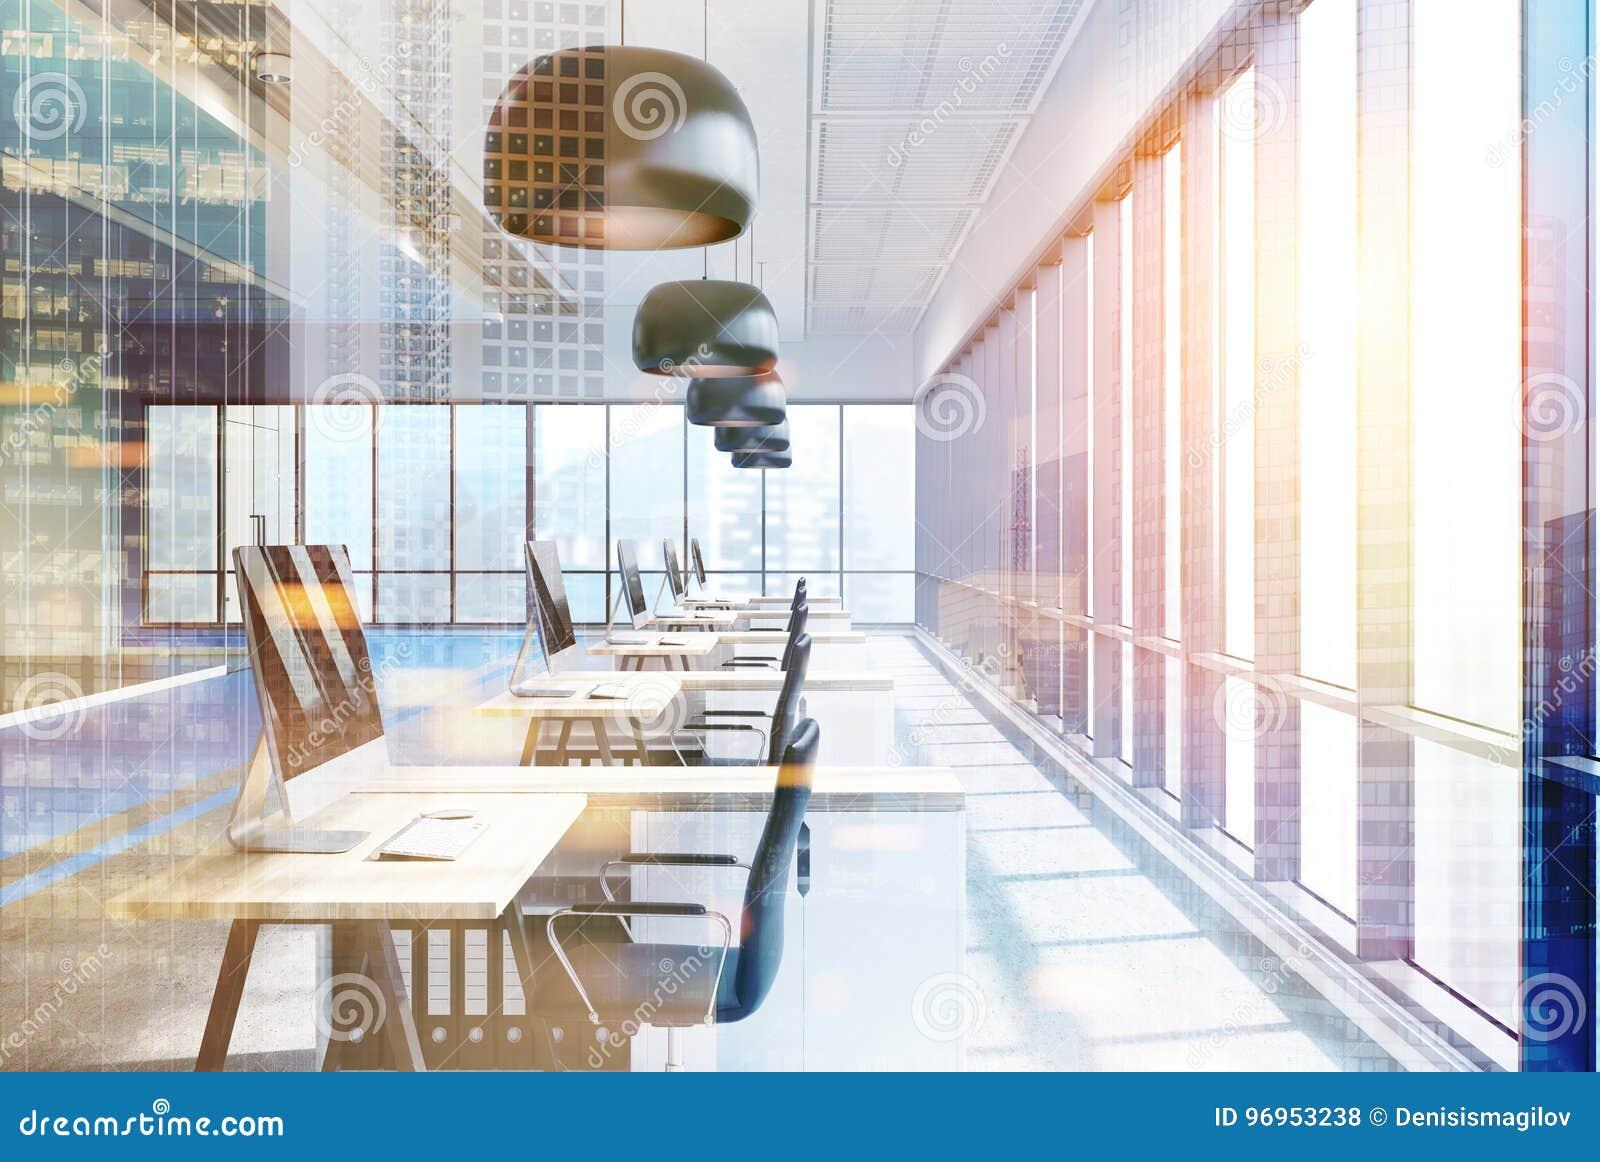 Scrivania Ufficio Blu : Ufficio blu con le lampade rotonde nere tavole tonificate